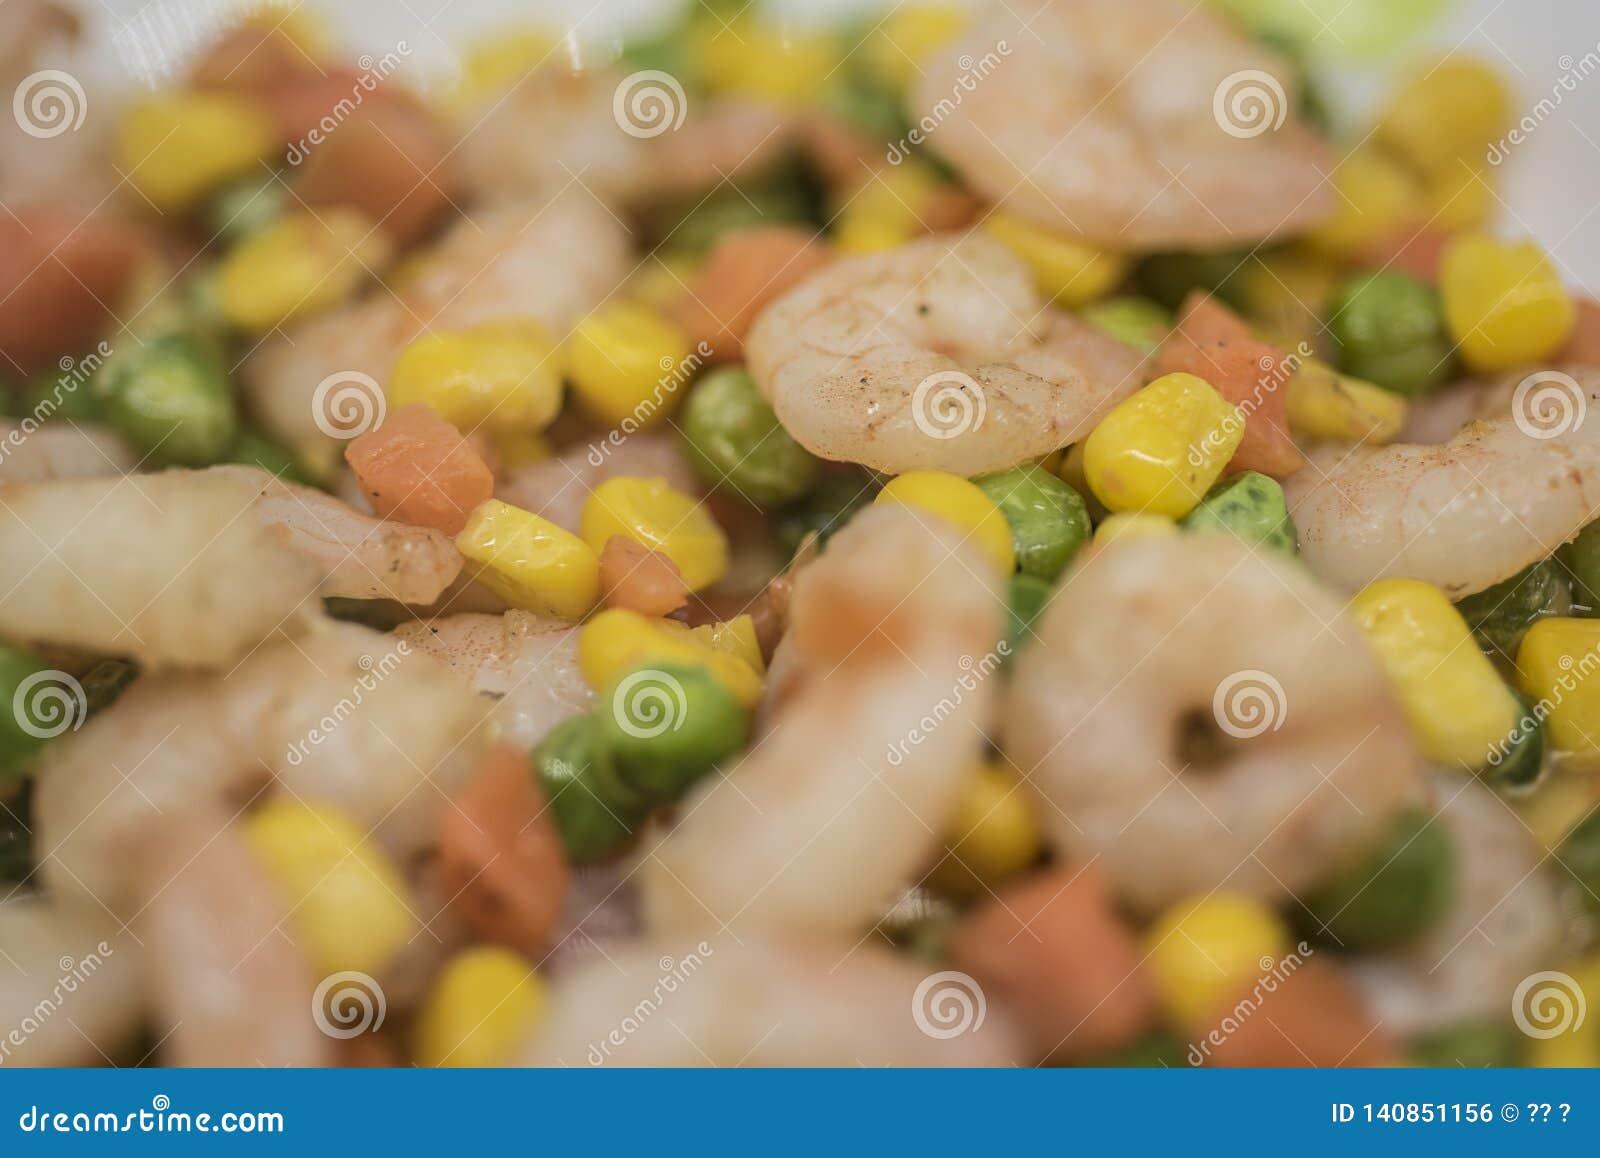 Camarão fritado cenoura do milho do feijão verde